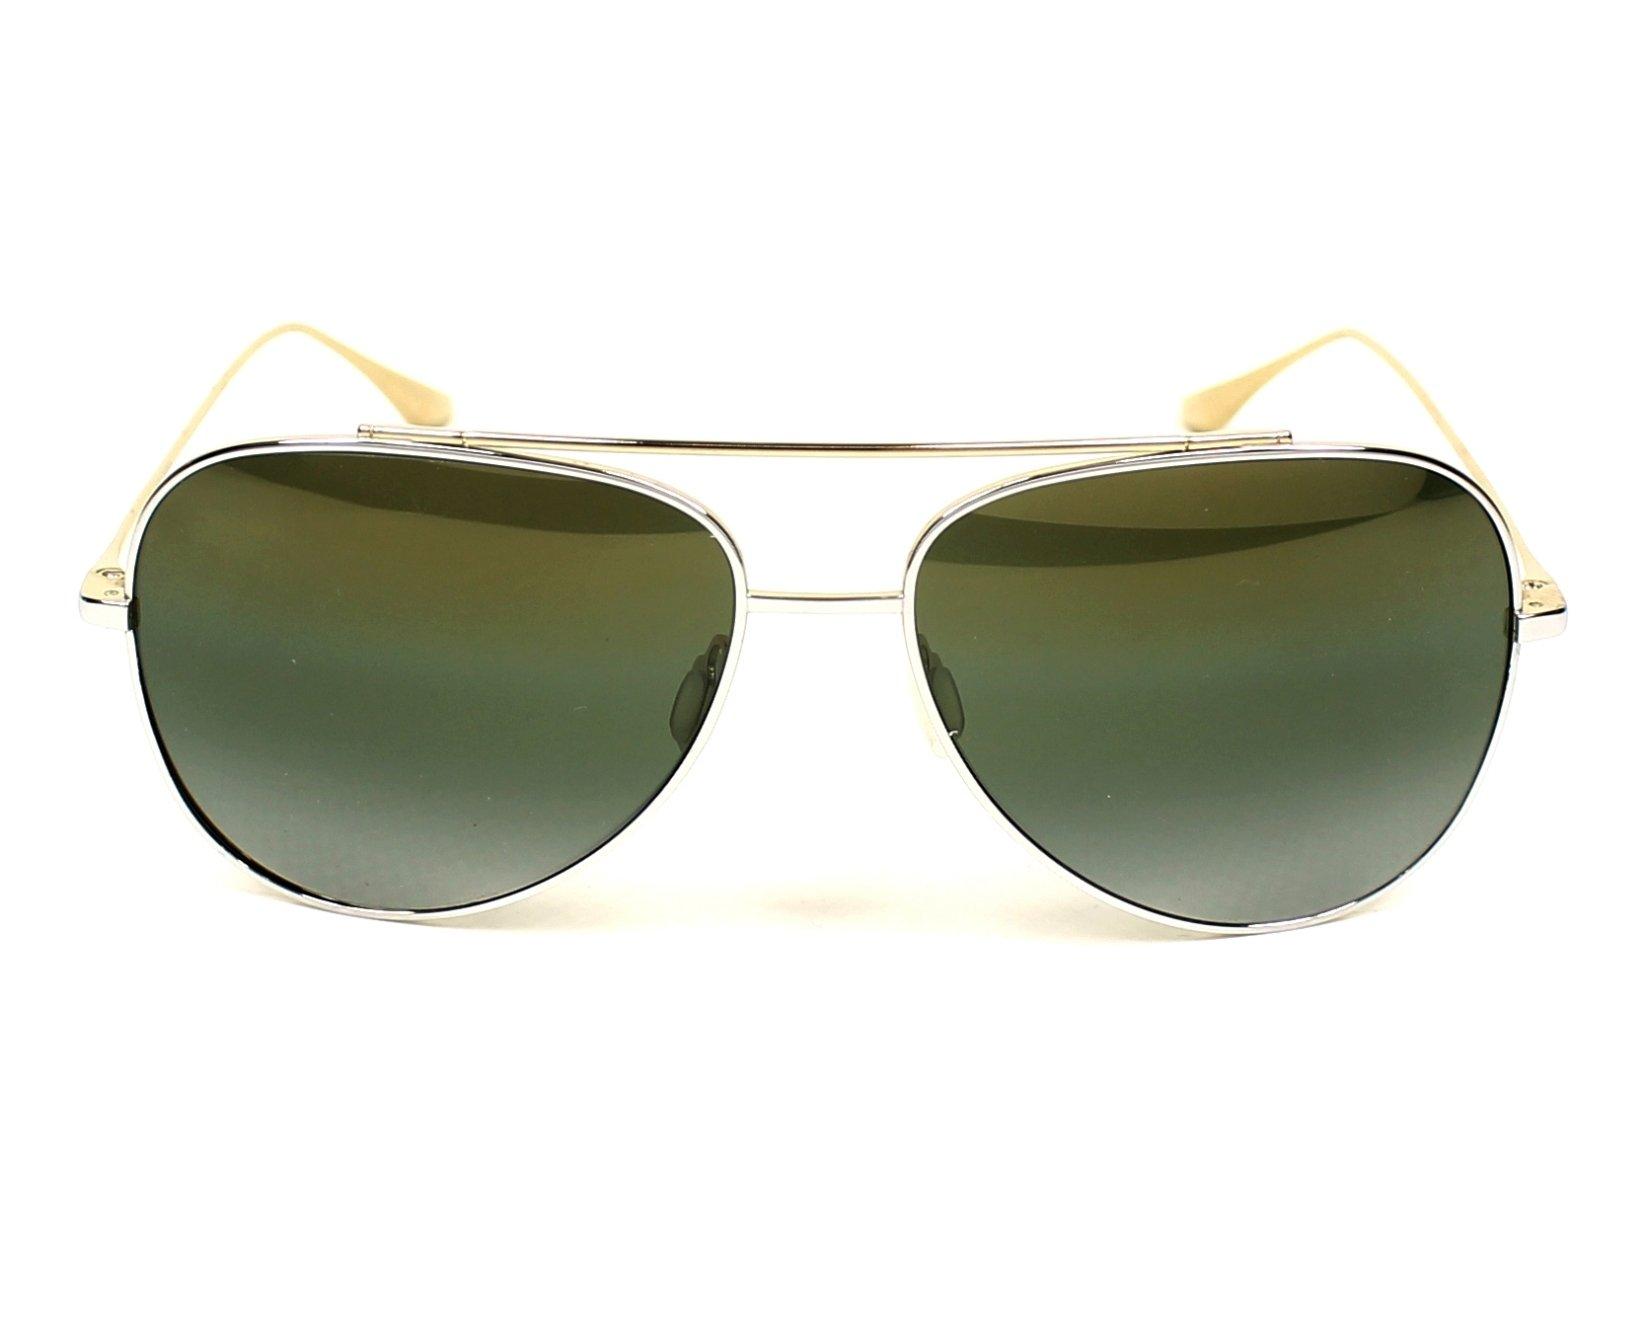 Vuarnet Sunglasses Vl 1611 0006 1142 Gold Visionet